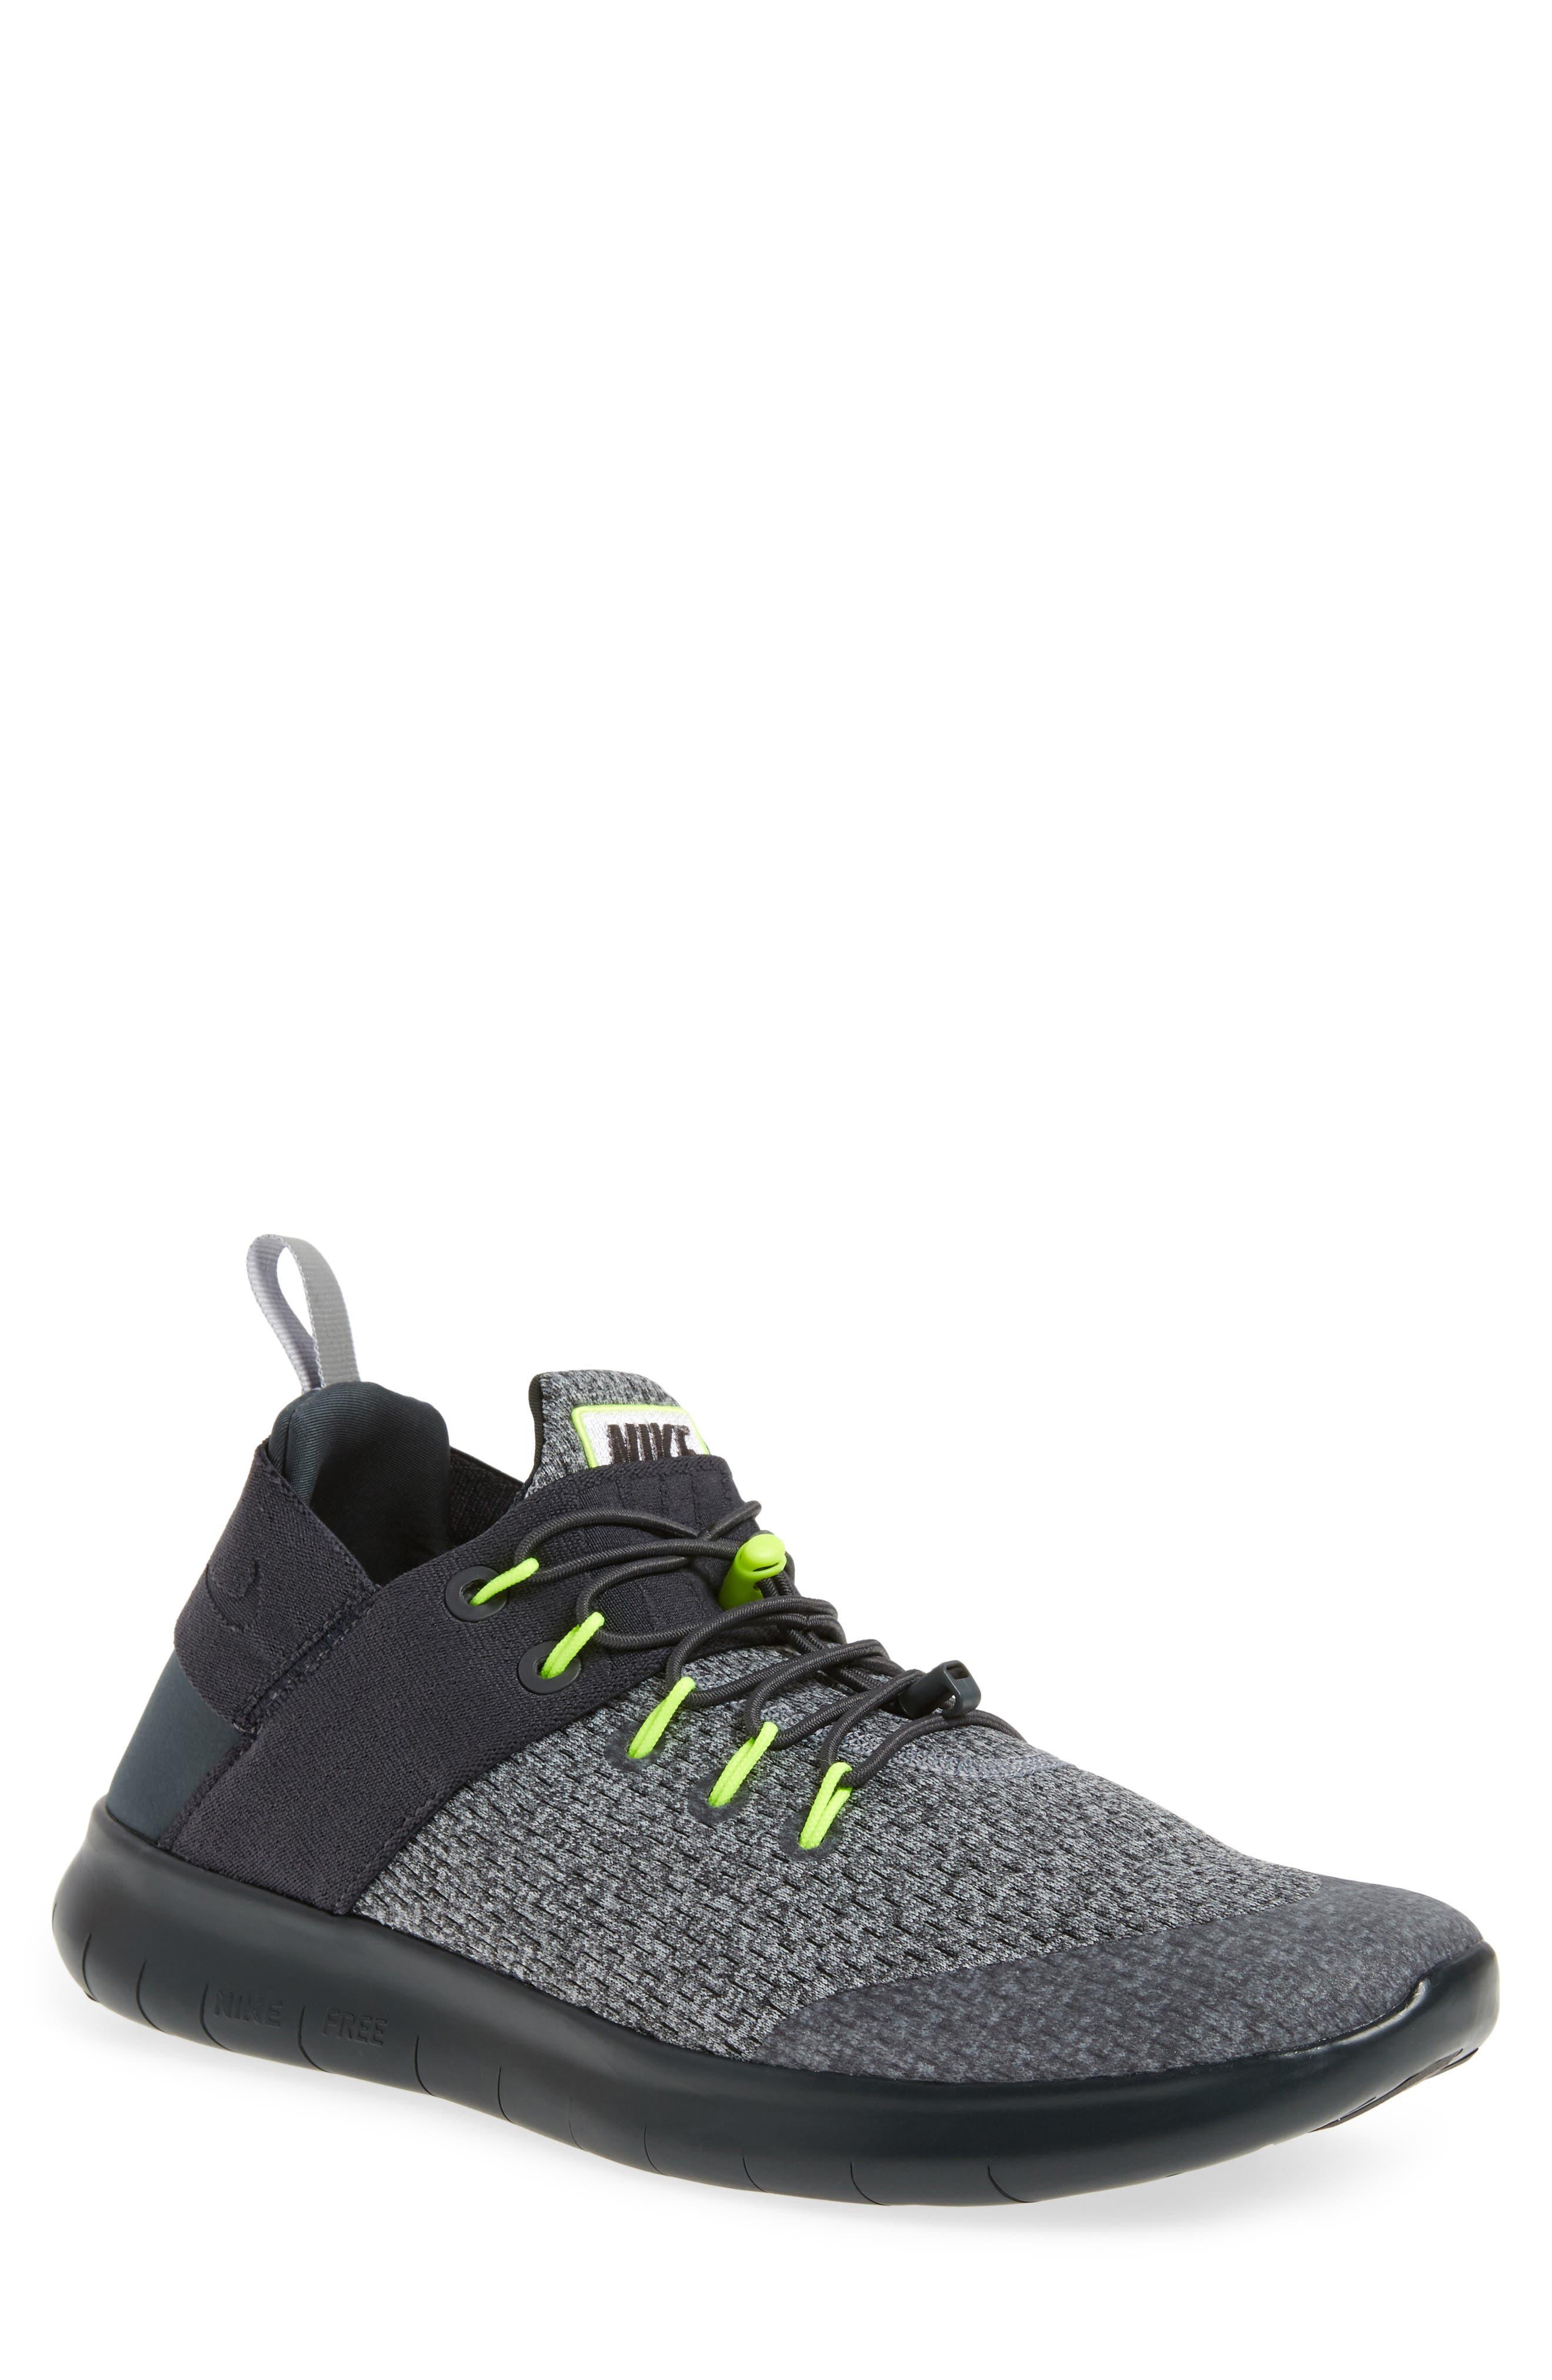 Main Image - Nike Free RN Commuter 2017 Running Shoe (Men)